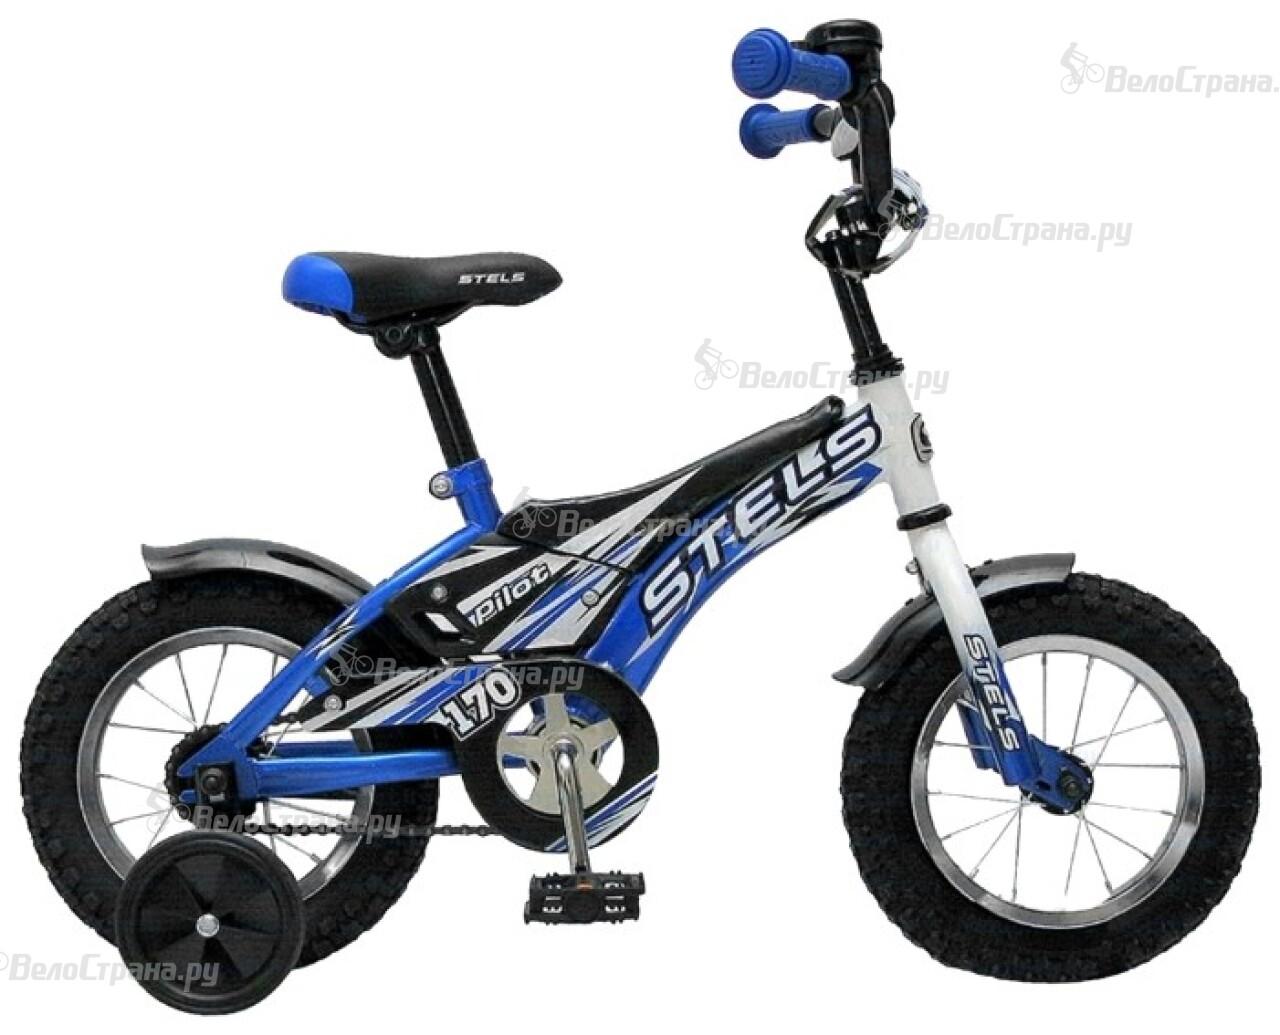 Велосипед Stels Pilot 170 12 (2016) велосипед stels pilot 170 16 2016